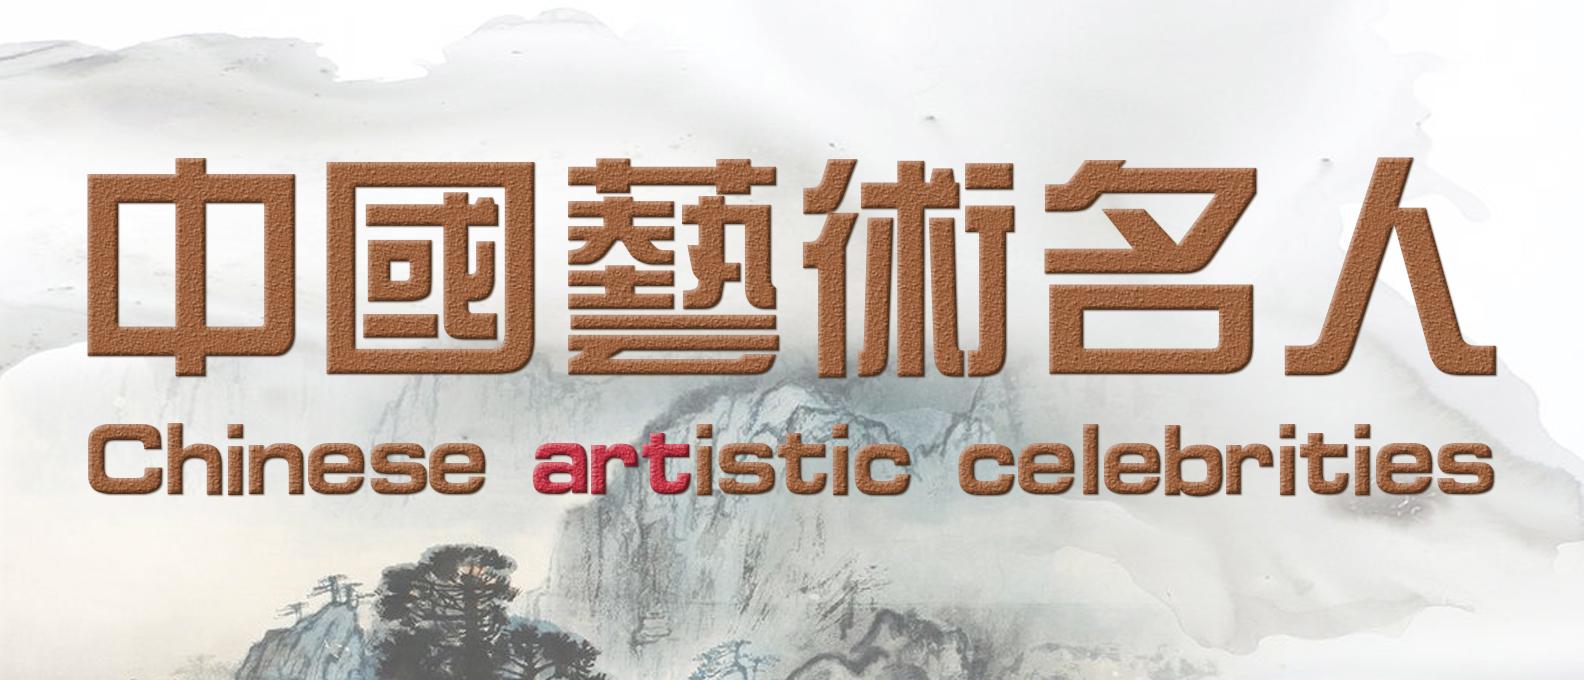 魅力中国艺术推选人物:李宝恩   中国艺术名人 第552期